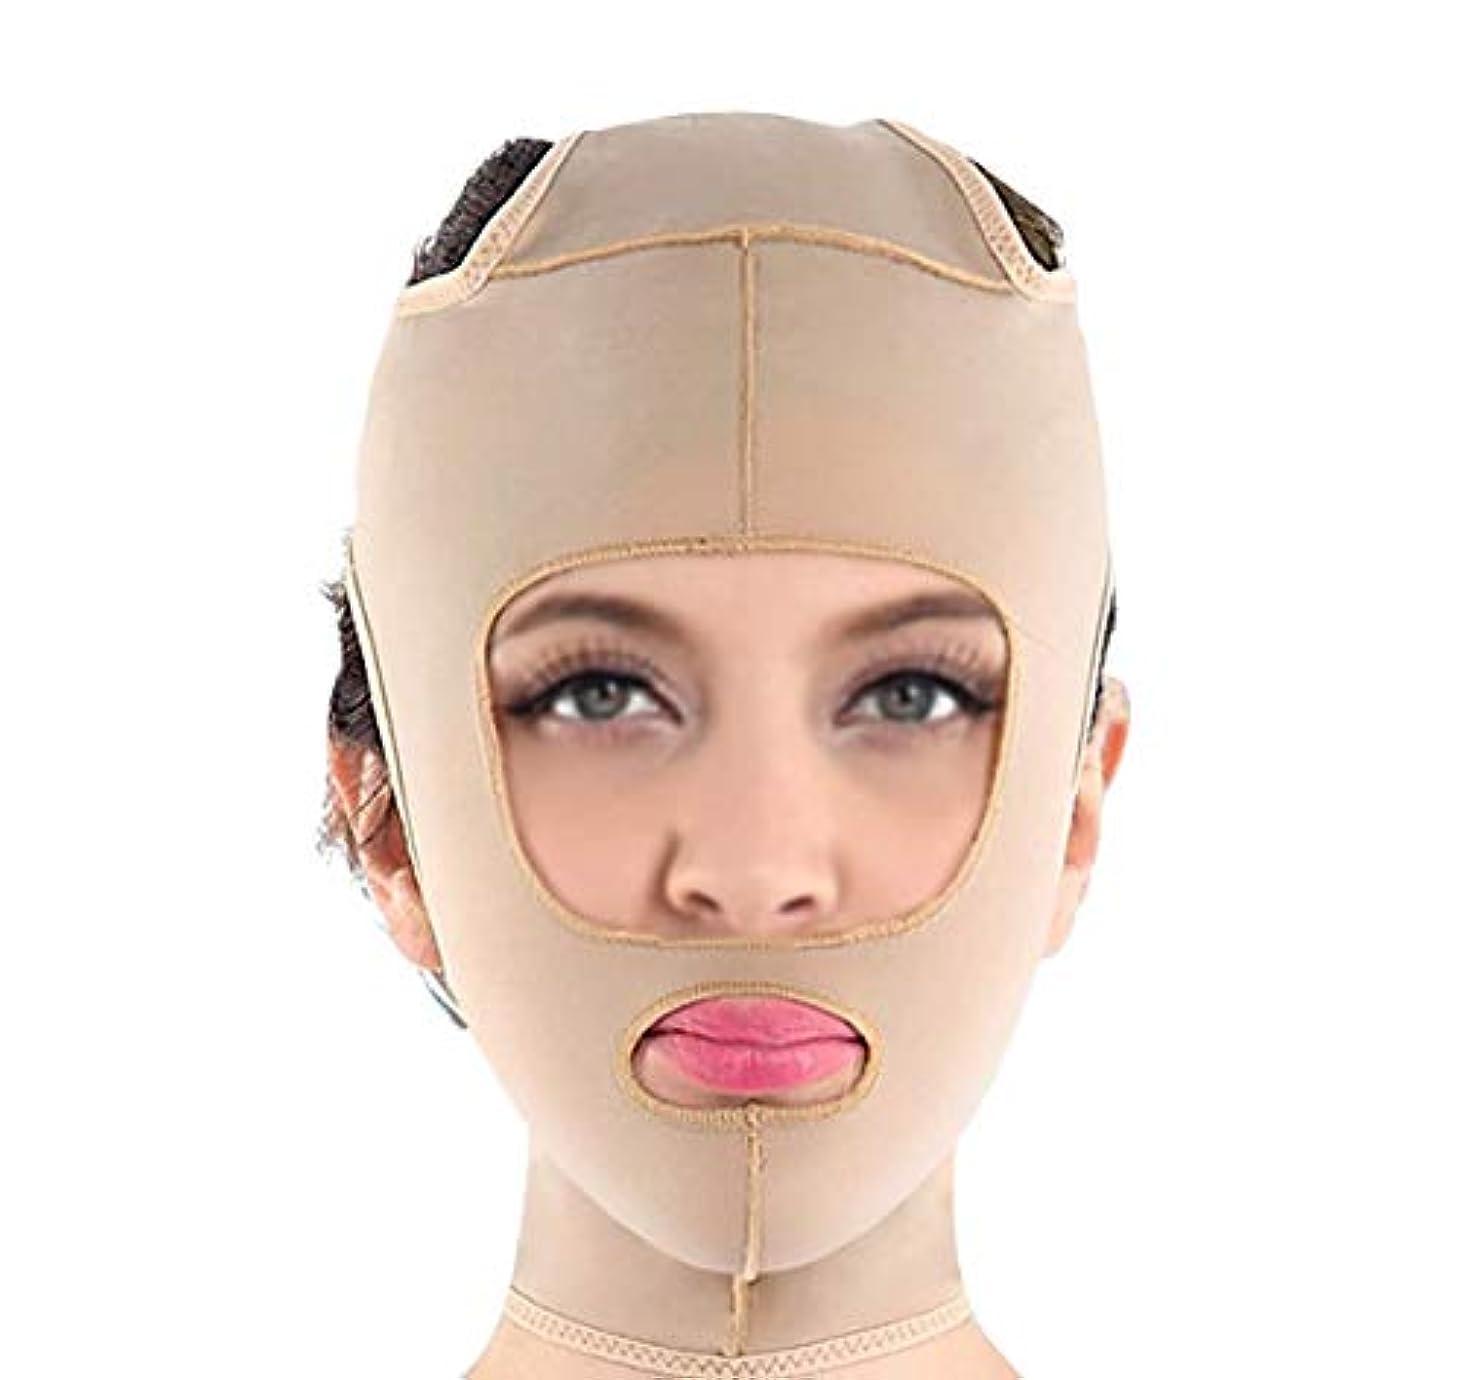 邪悪な精度入場フェイスリフティングマスクで肌をしっかりと保ち、顔の筋肉の垂れ下がりや顔の美しい輪郭の整形を防止します(サイズ:Xl),M